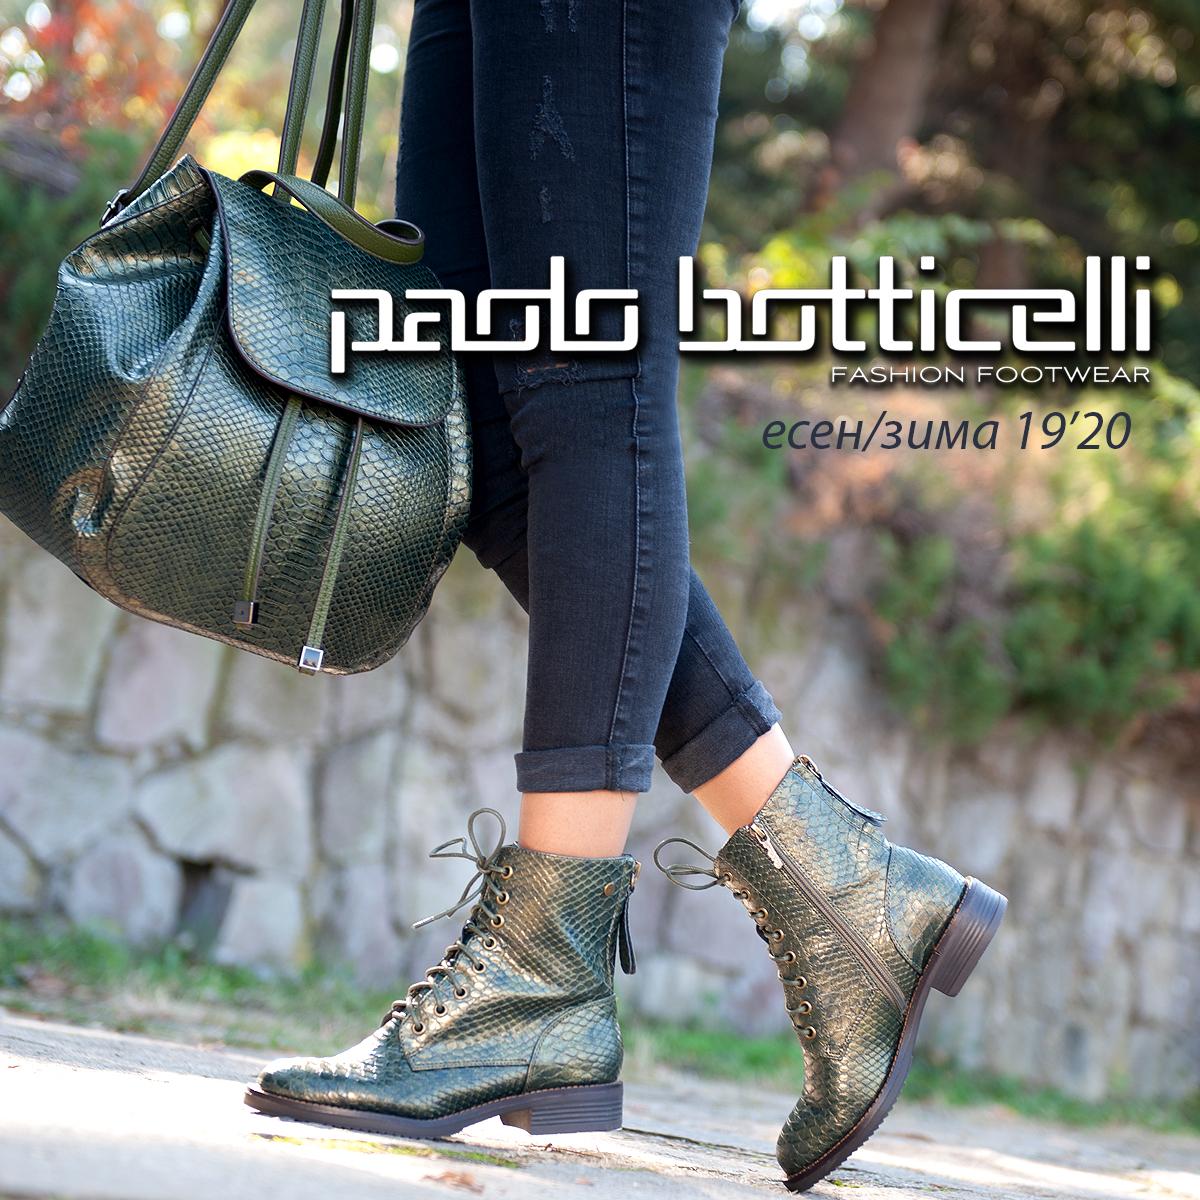 Новата колекция езен-зима те очаква в магазин Paolo Botticelli